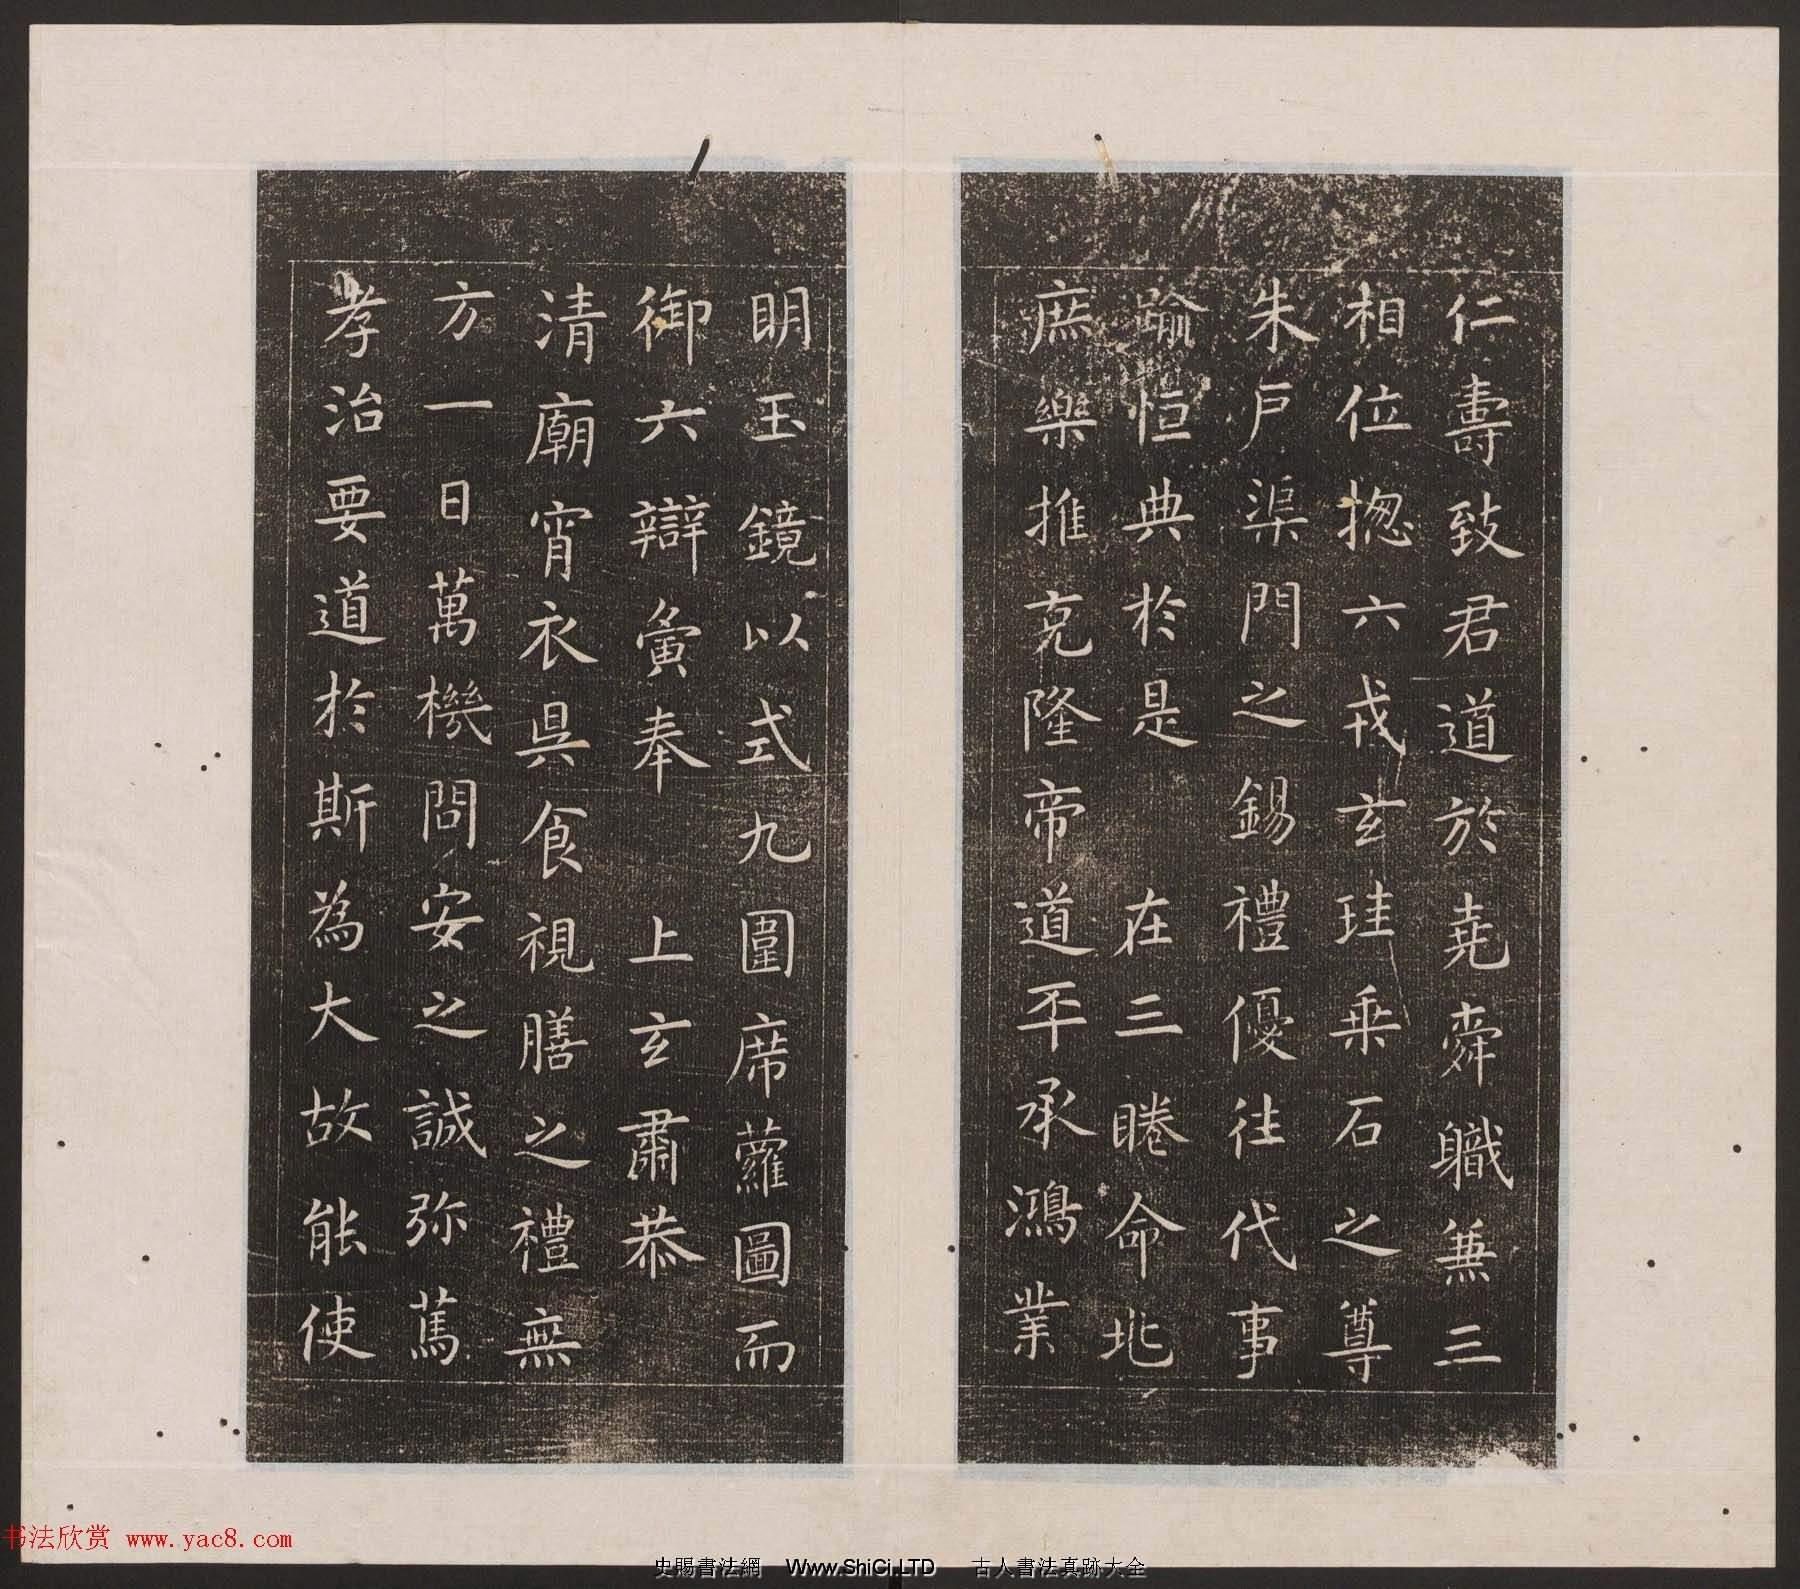 劉園集帖第十卷《孔子廟堂碑+含暉堂法帖》